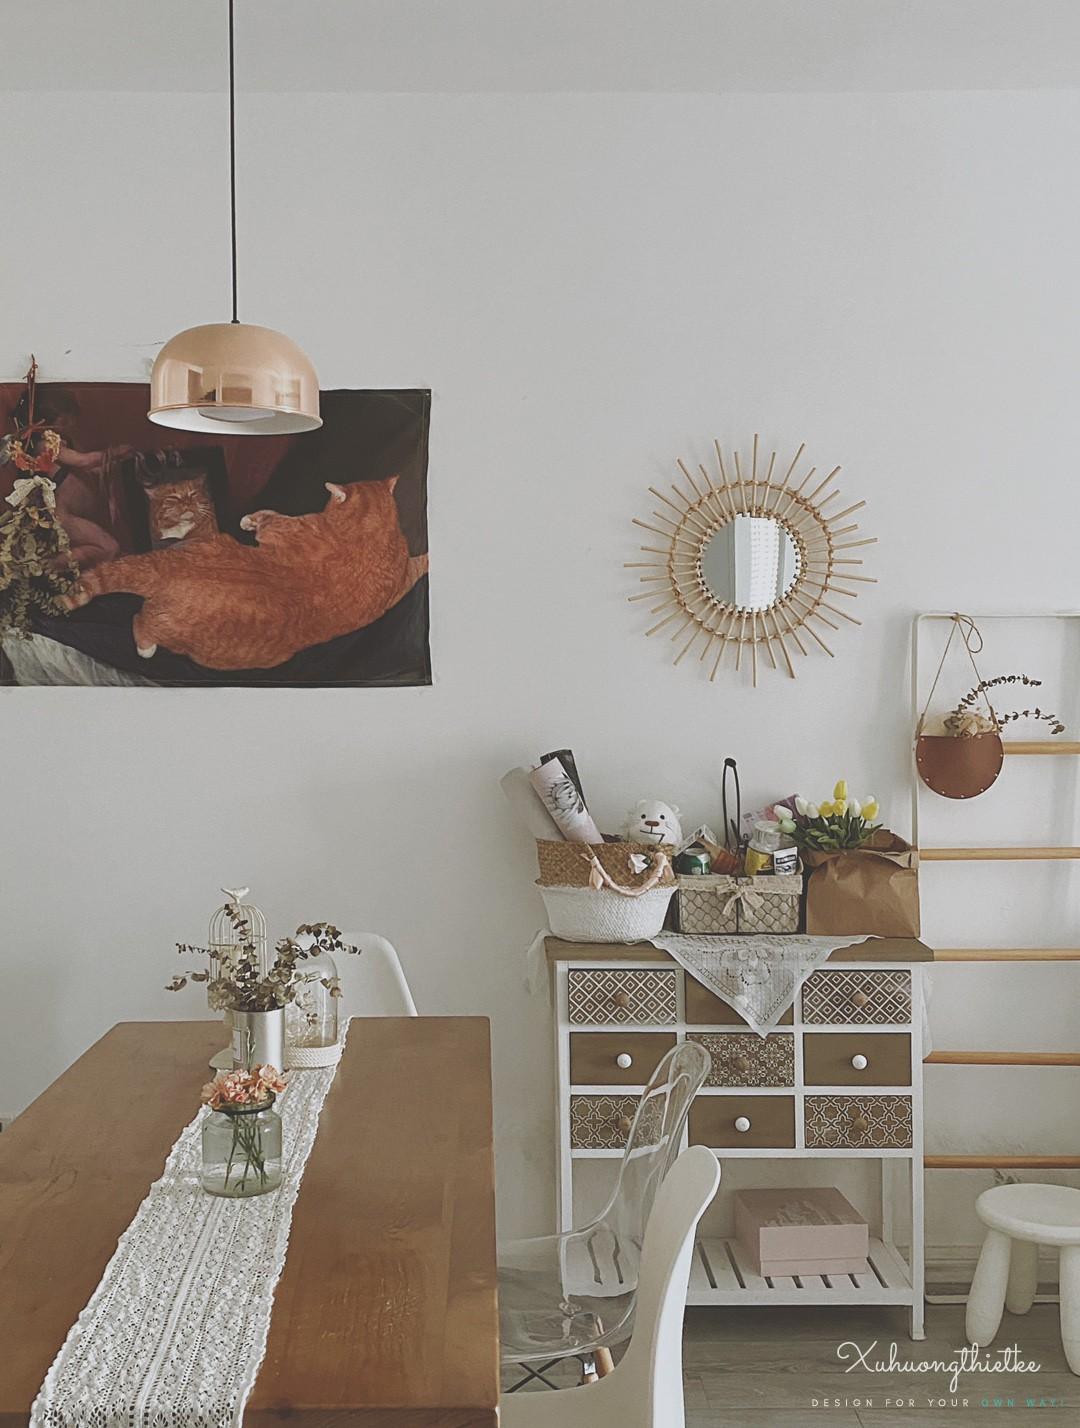 Gương treo tường Bắc Âu tạo điểm nhấn cho không gian phòng ăn